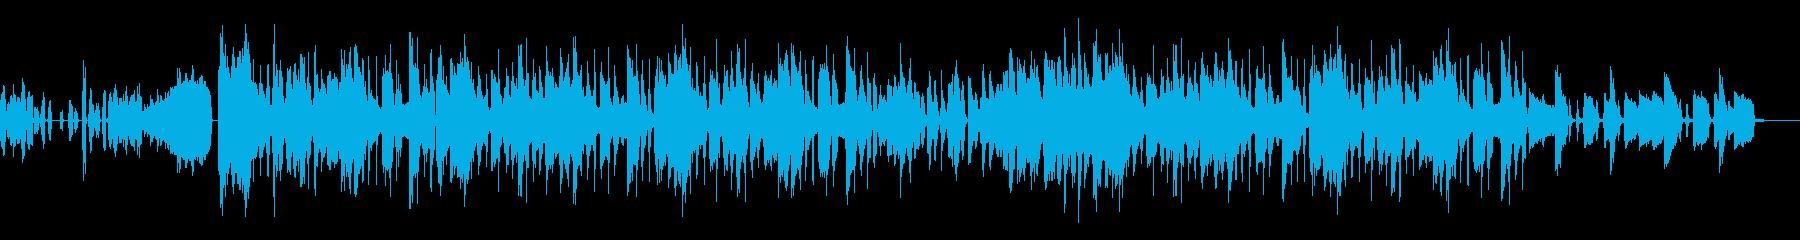 FUNK系ダンサンブルなポップスの再生済みの波形